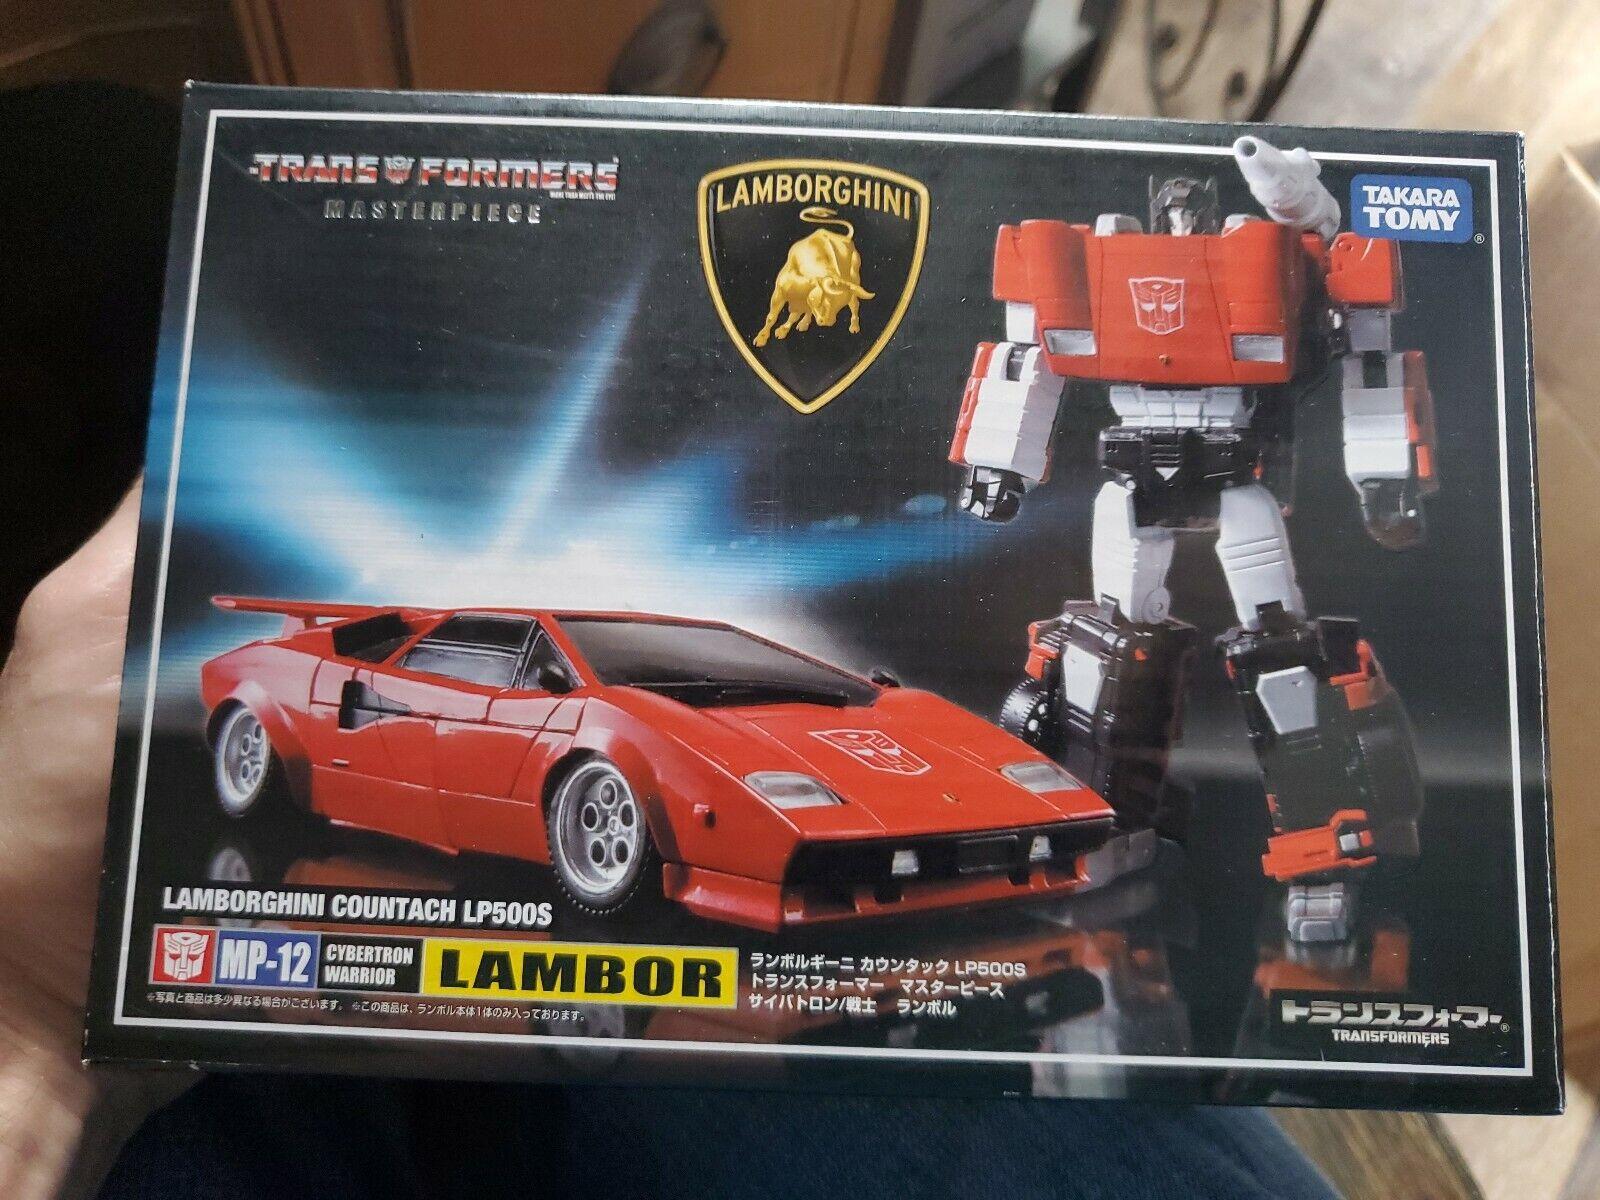 Takara Transformers Masterpiece  MP-12 Lambor Figura De Acción